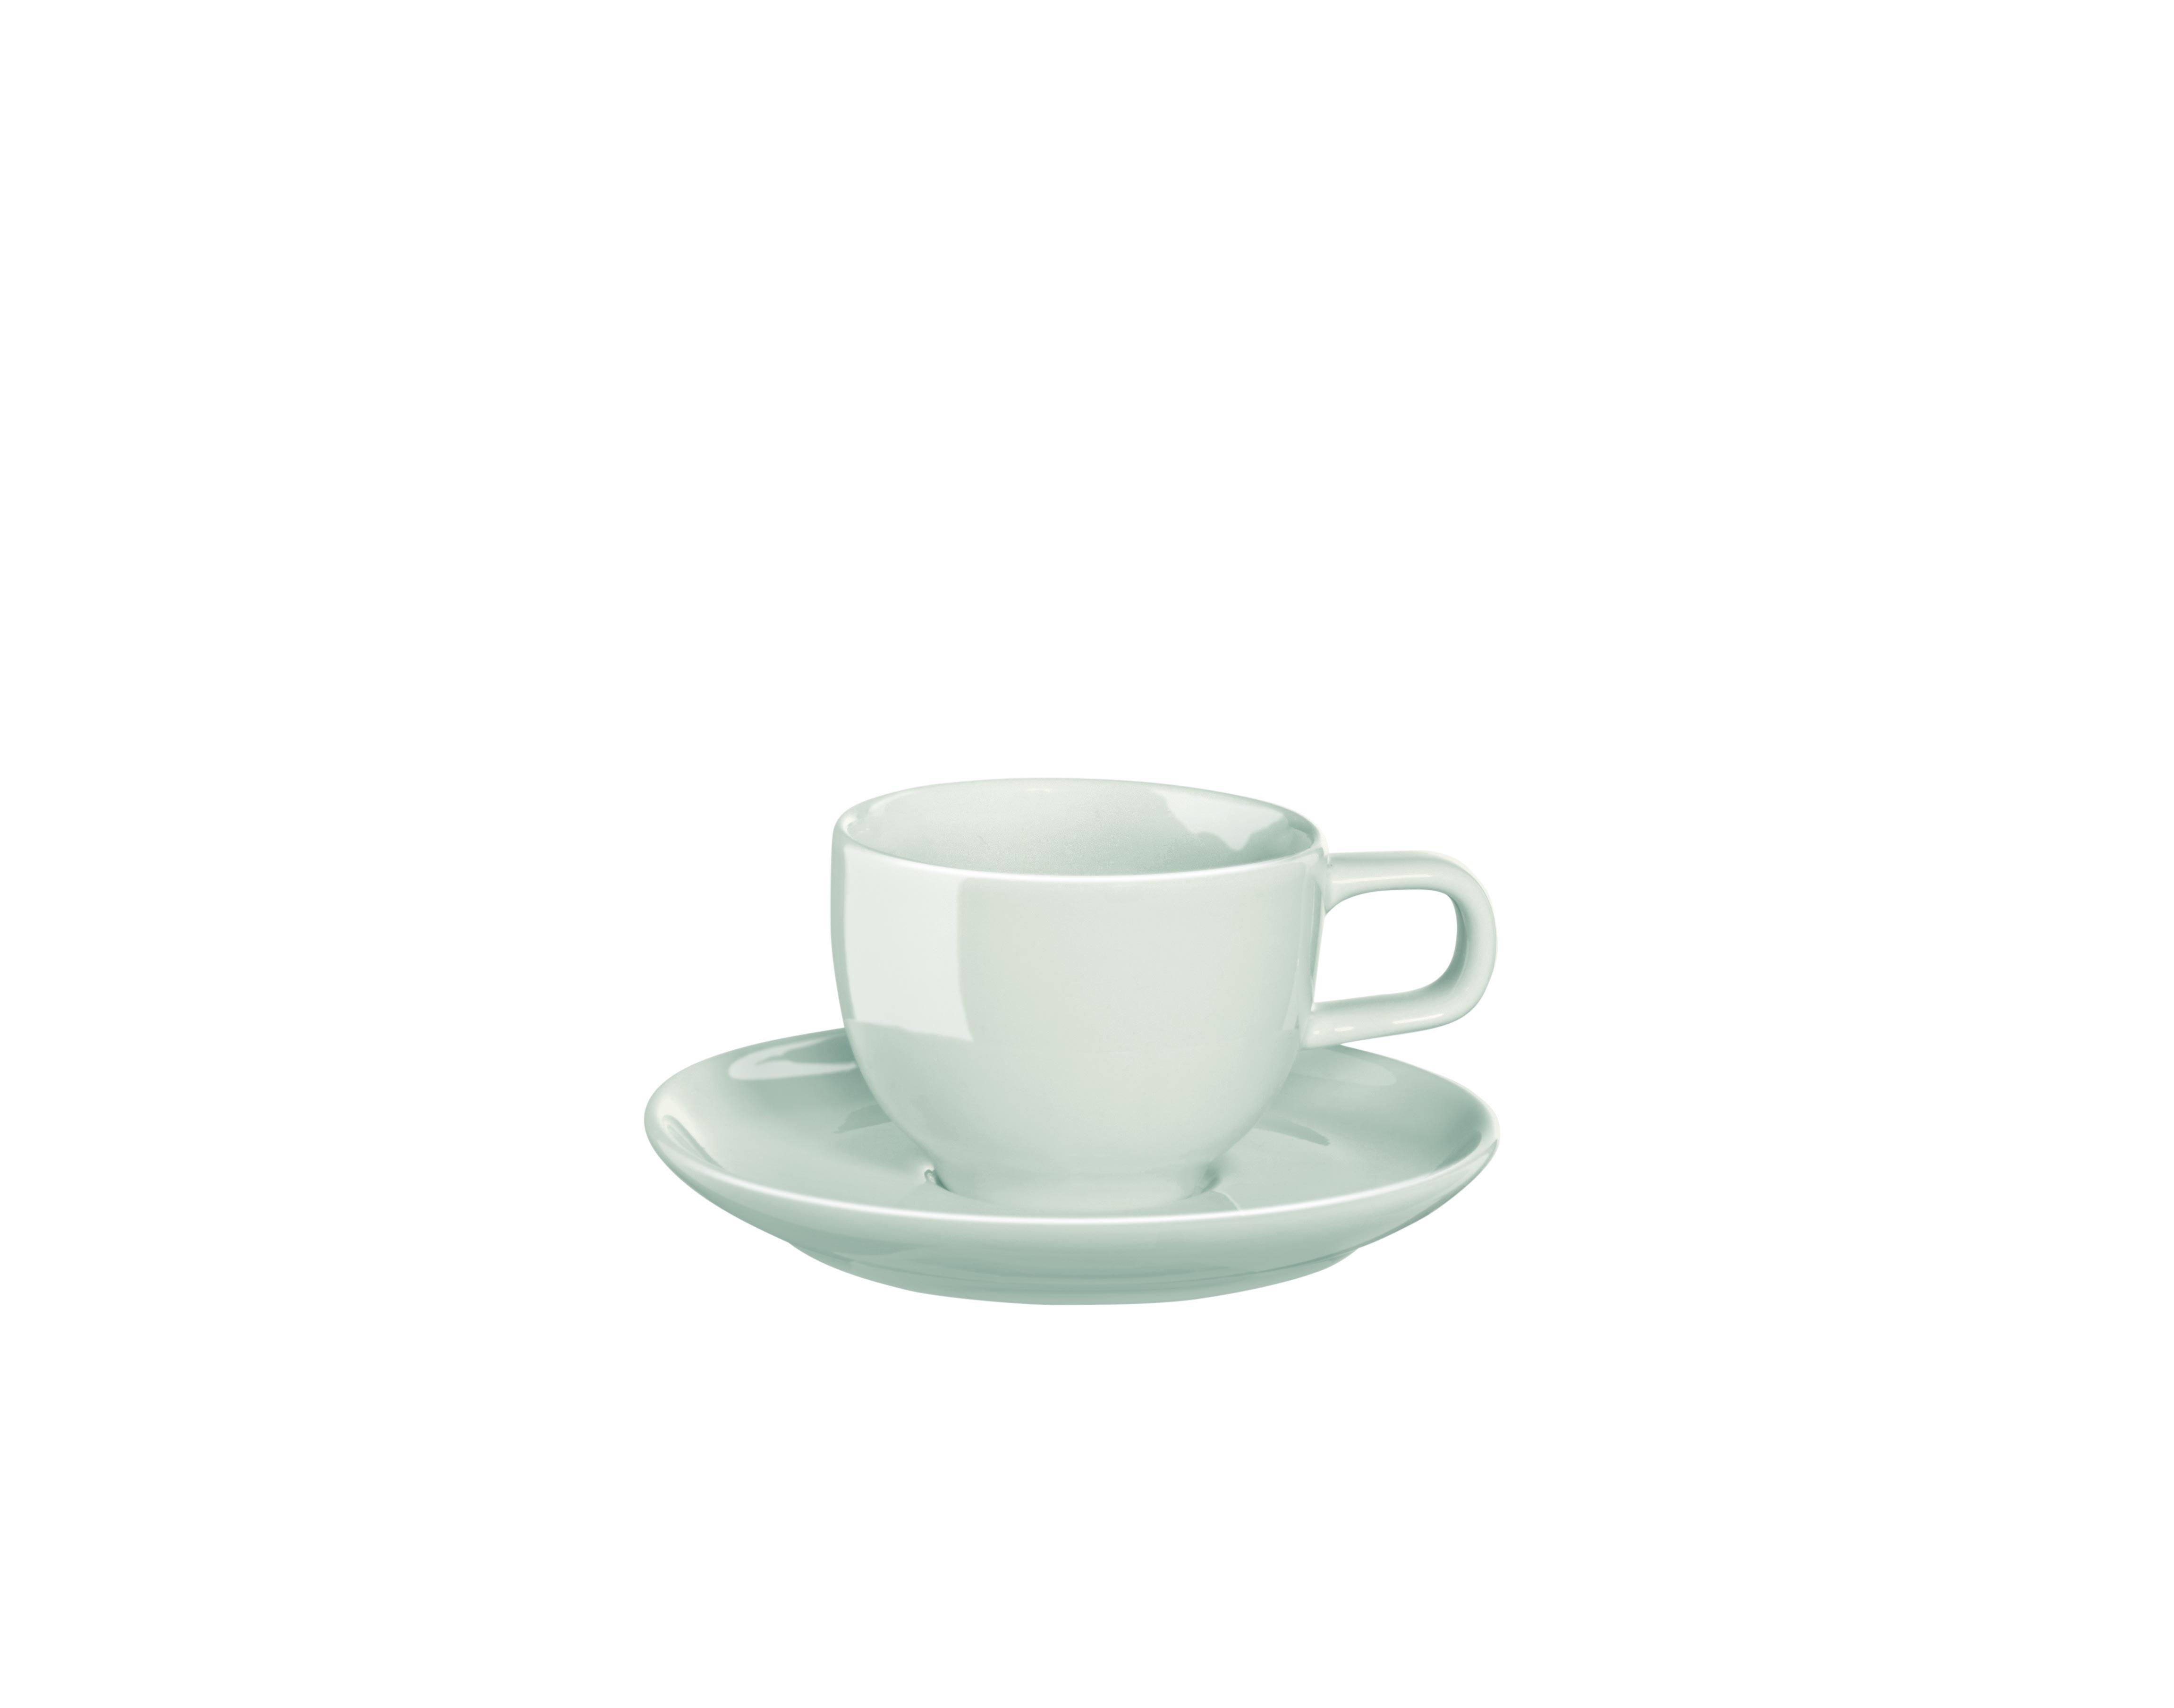 espressotasse mit unterer kolibri tassen kannen geschirr produkte home by asa die. Black Bedroom Furniture Sets. Home Design Ideas